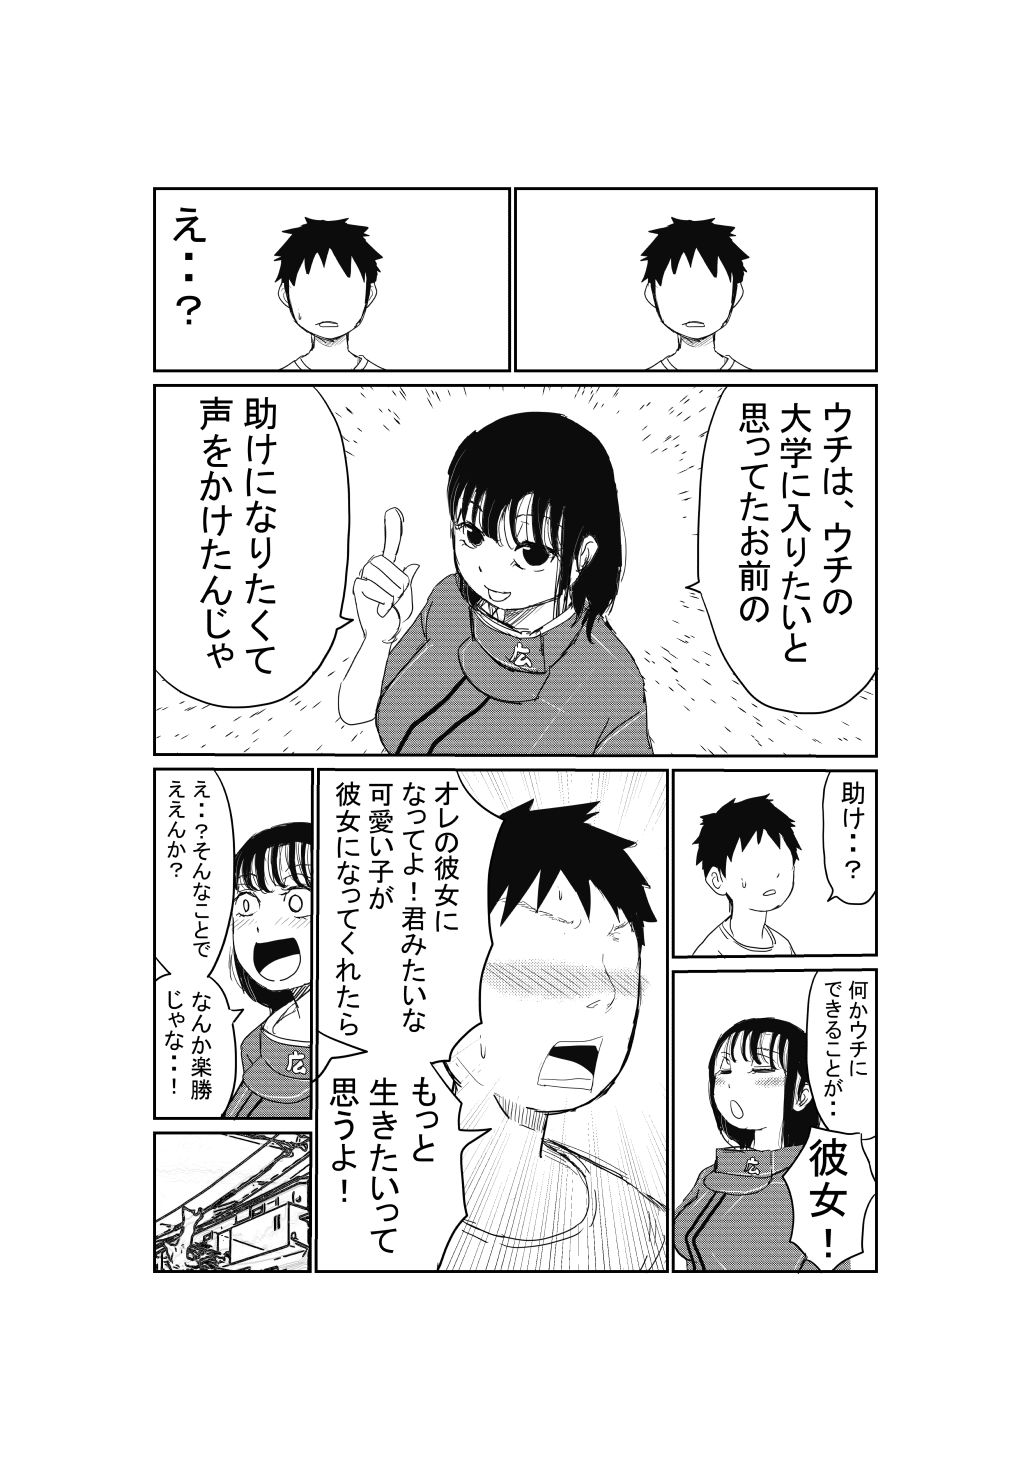 【赤本】落とされるんじゃなくて堕とす広〇大女子